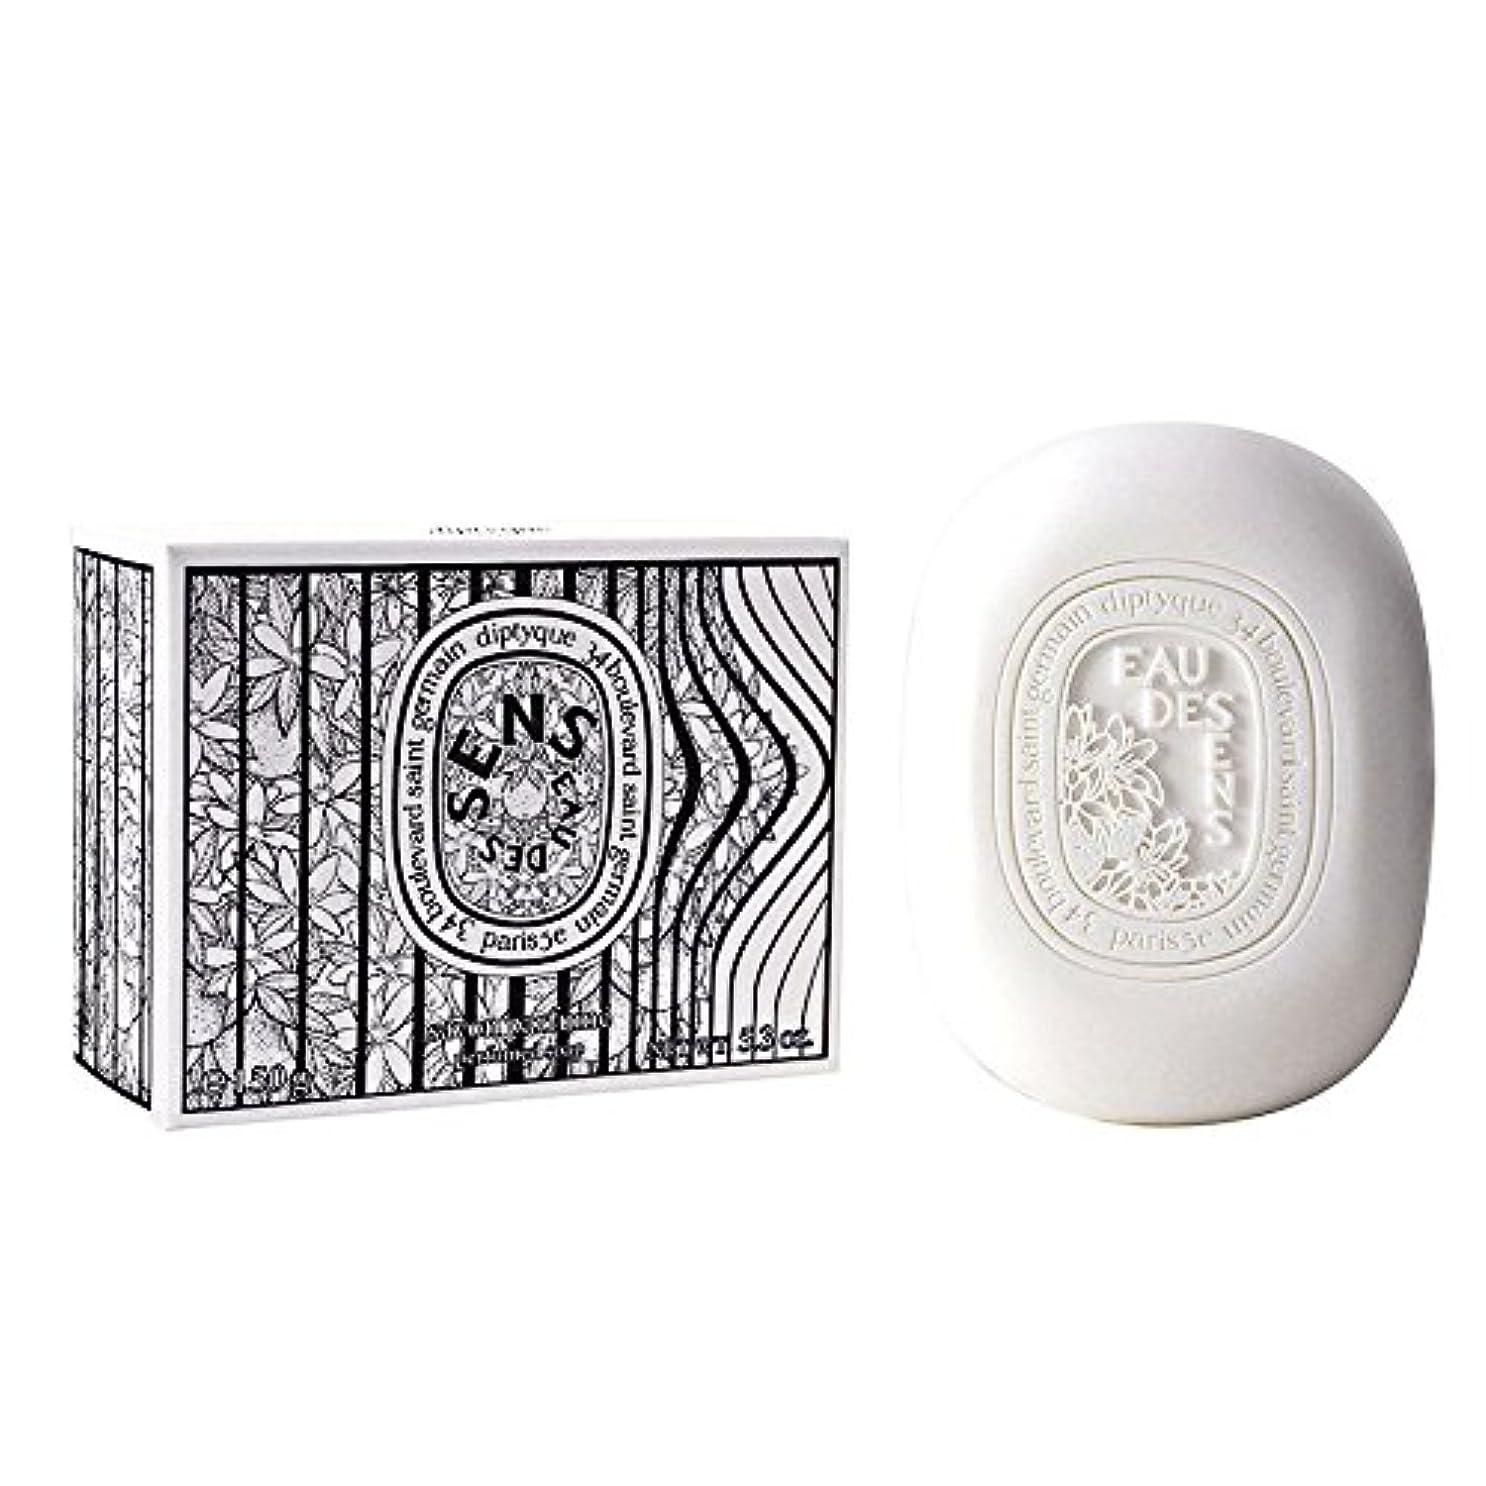 ほこりっぽい彫刻家空気Diptyque Eau Des Sens (ディプティック オー デ センス) 150g Soap (石けん) for Women